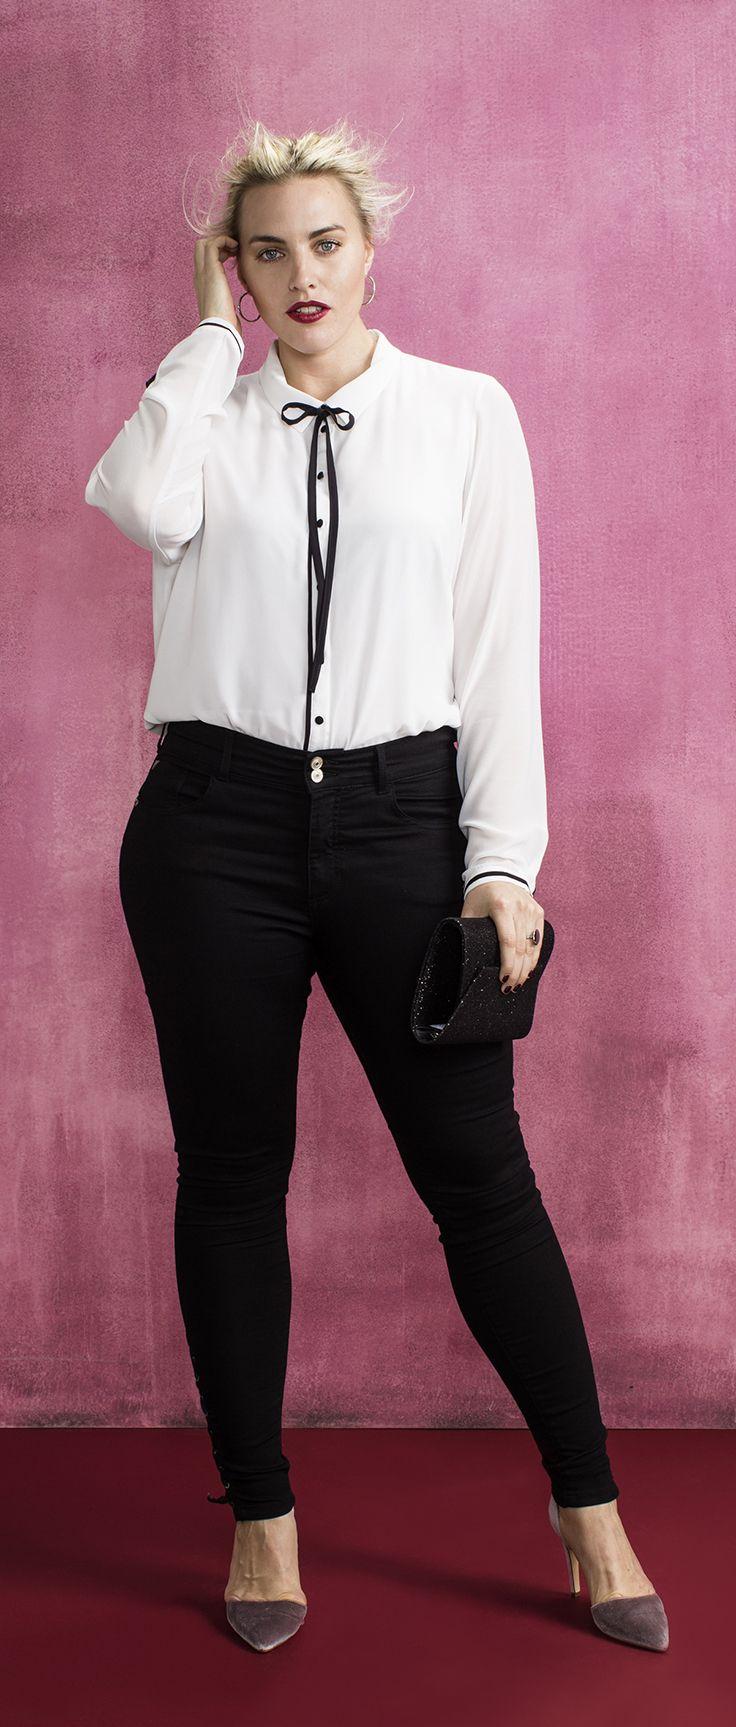 Combineer deze stijlvolle witte blouse met een zwarte broek en maak deze outfit af met paar statement hakken. #junarose